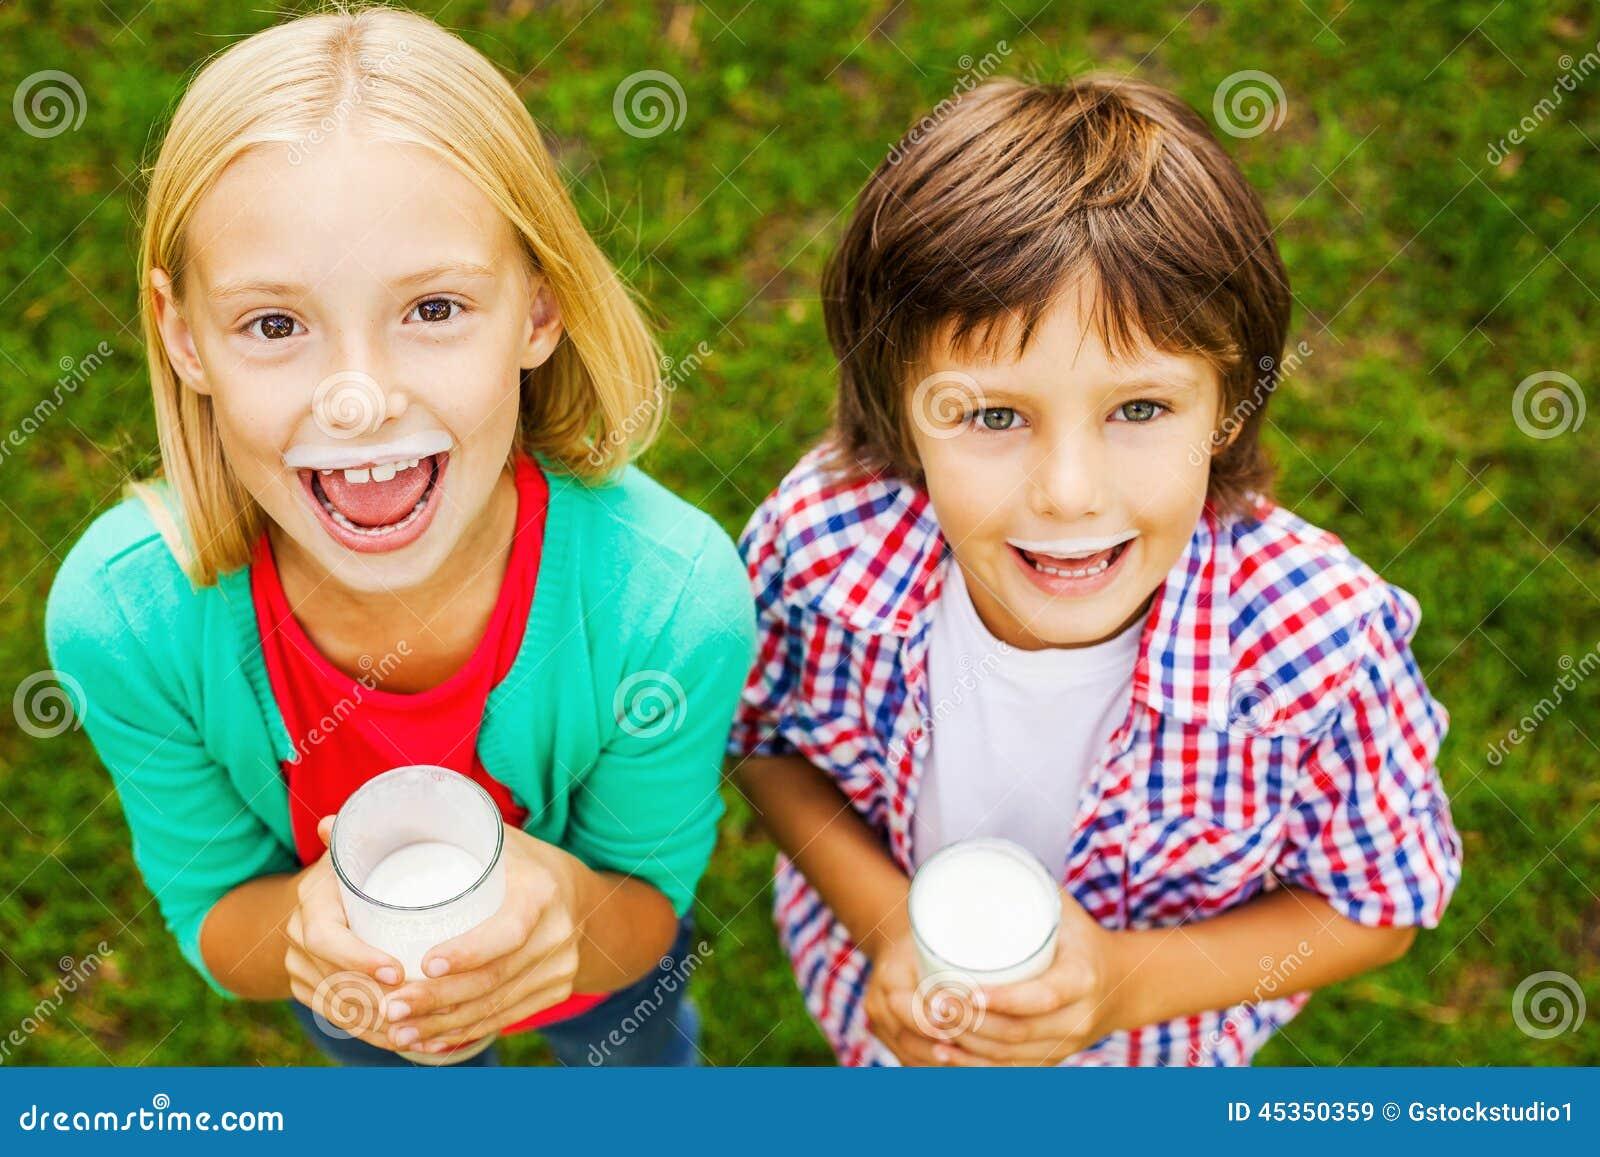 Nous aimons le lait